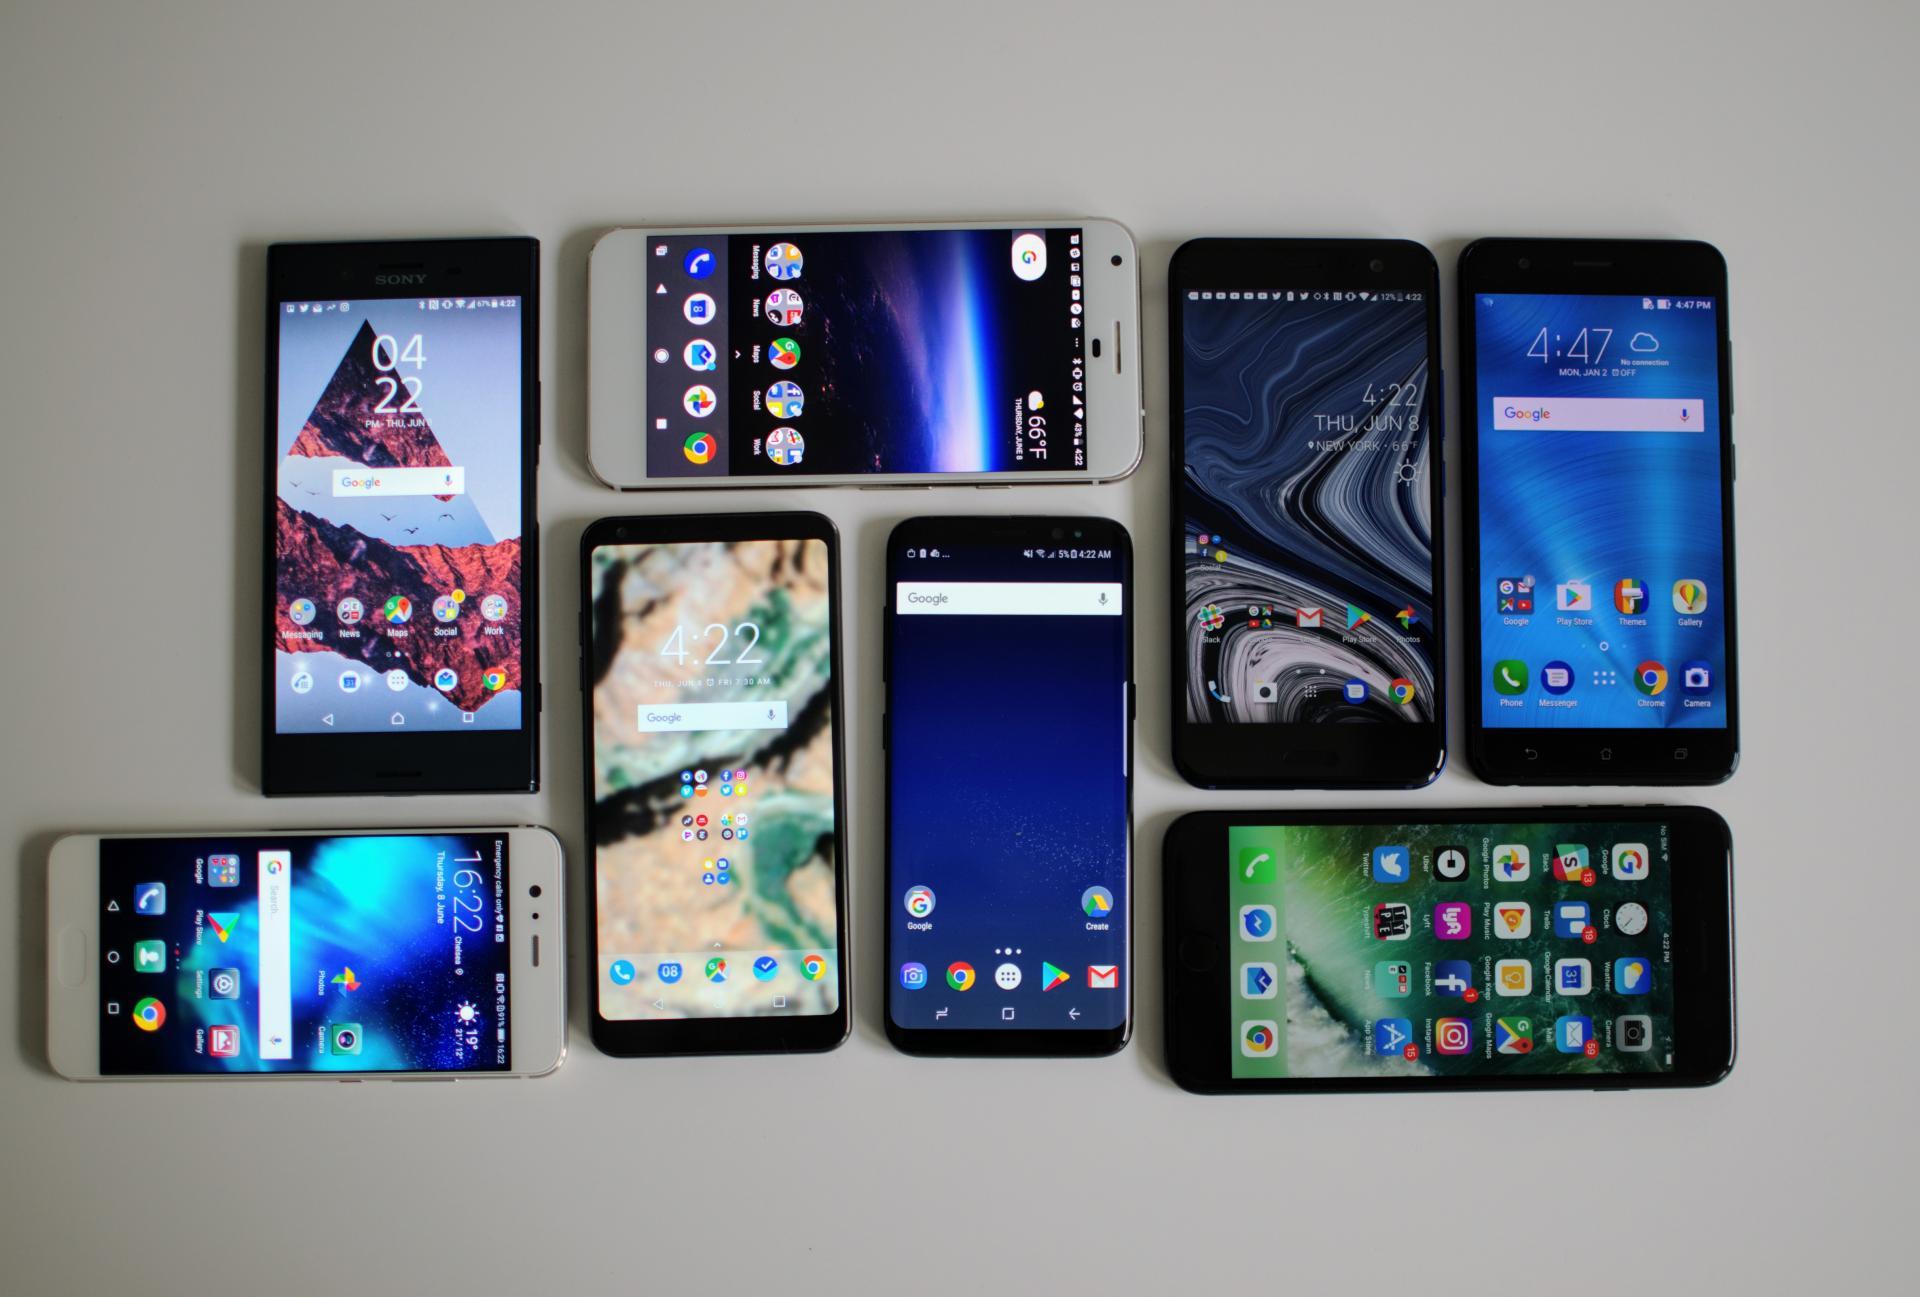 Смартфоны-новинки августа. Отбюджетных додорогих флагманов